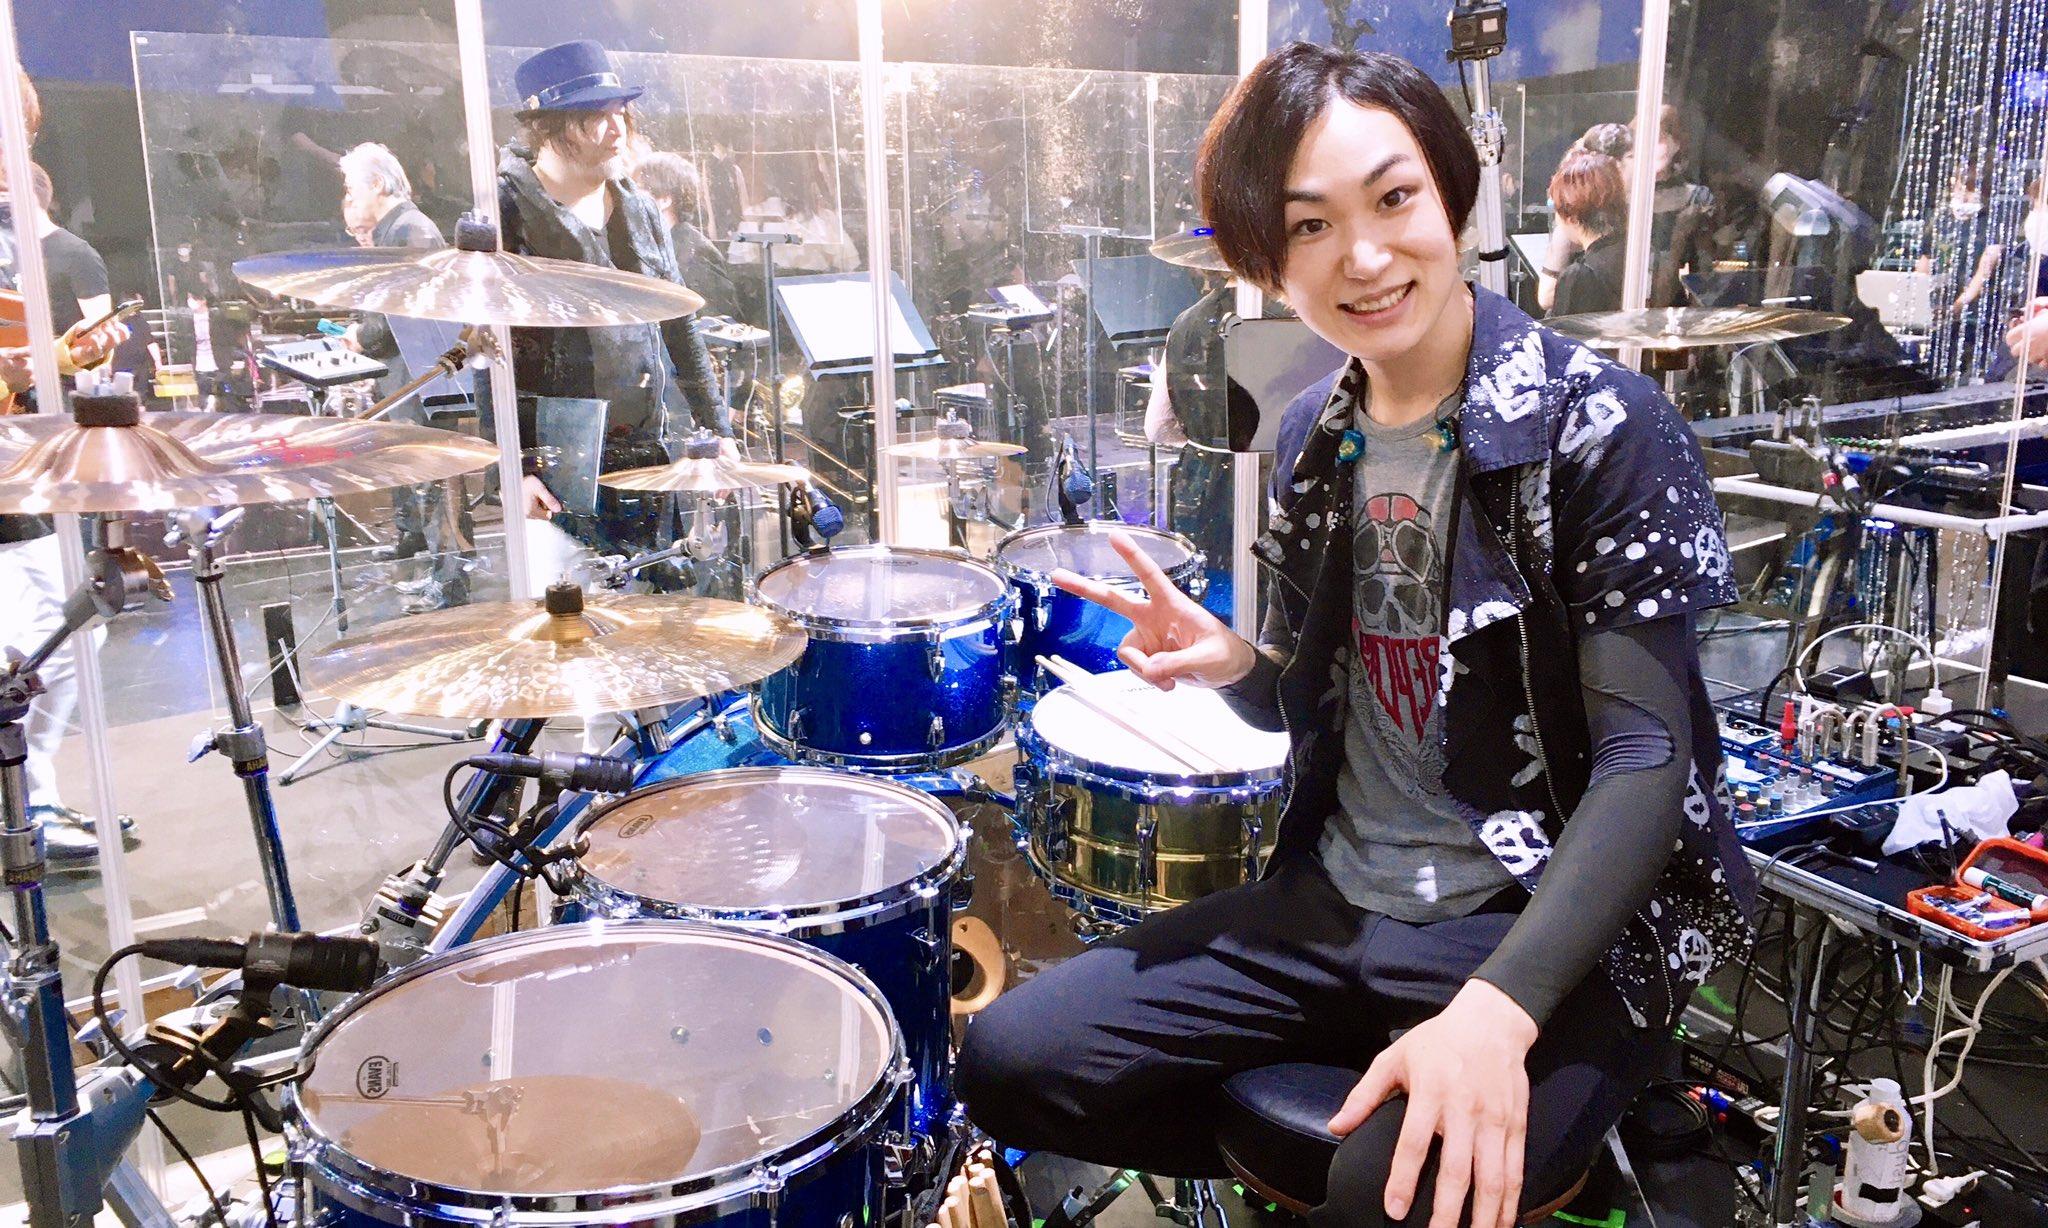 B'zのライブにサポートメンバーとして参加するドラマー・青山英樹の画像